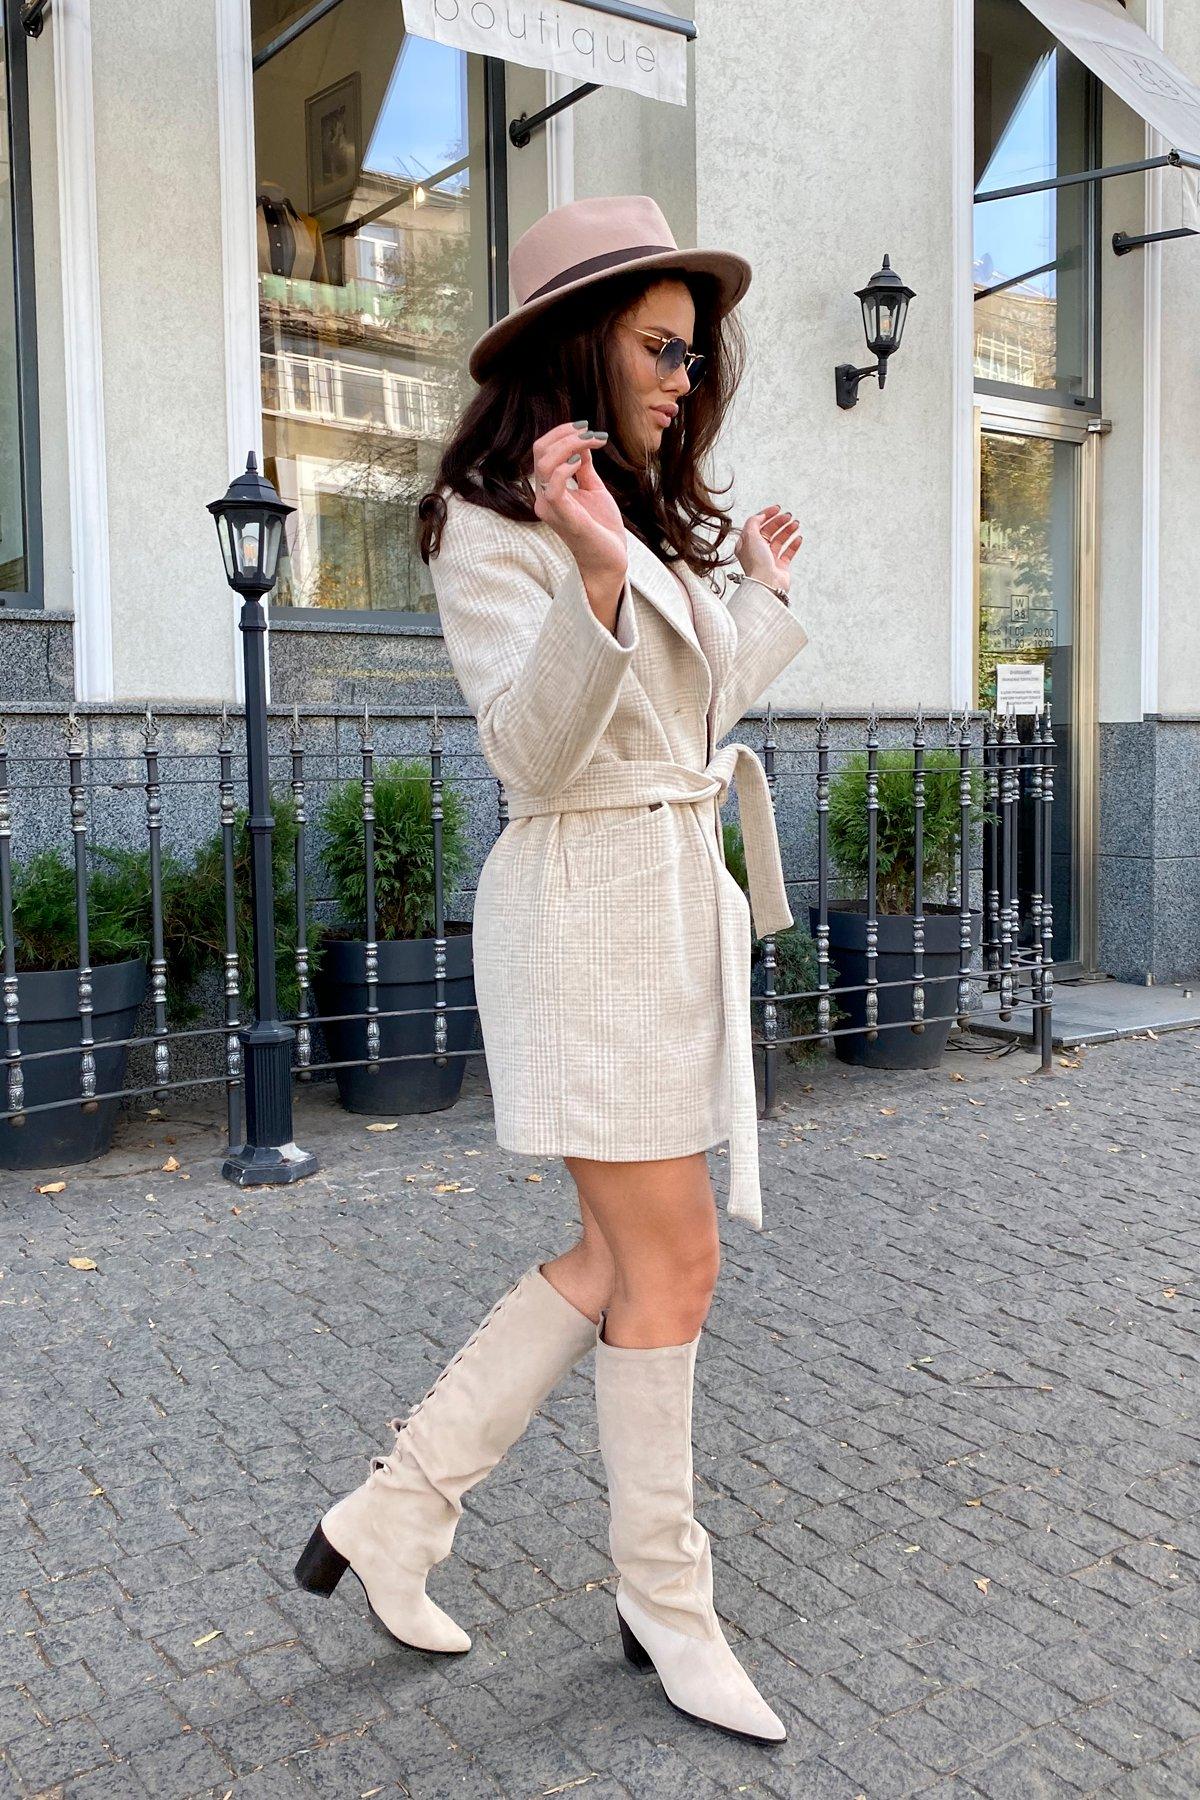 Вейсона кашемир на трикотаже текстурный пальто 9872 АРТ. 46160 Цвет: Бежевый/молоко - фото 3, интернет магазин tm-modus.ru